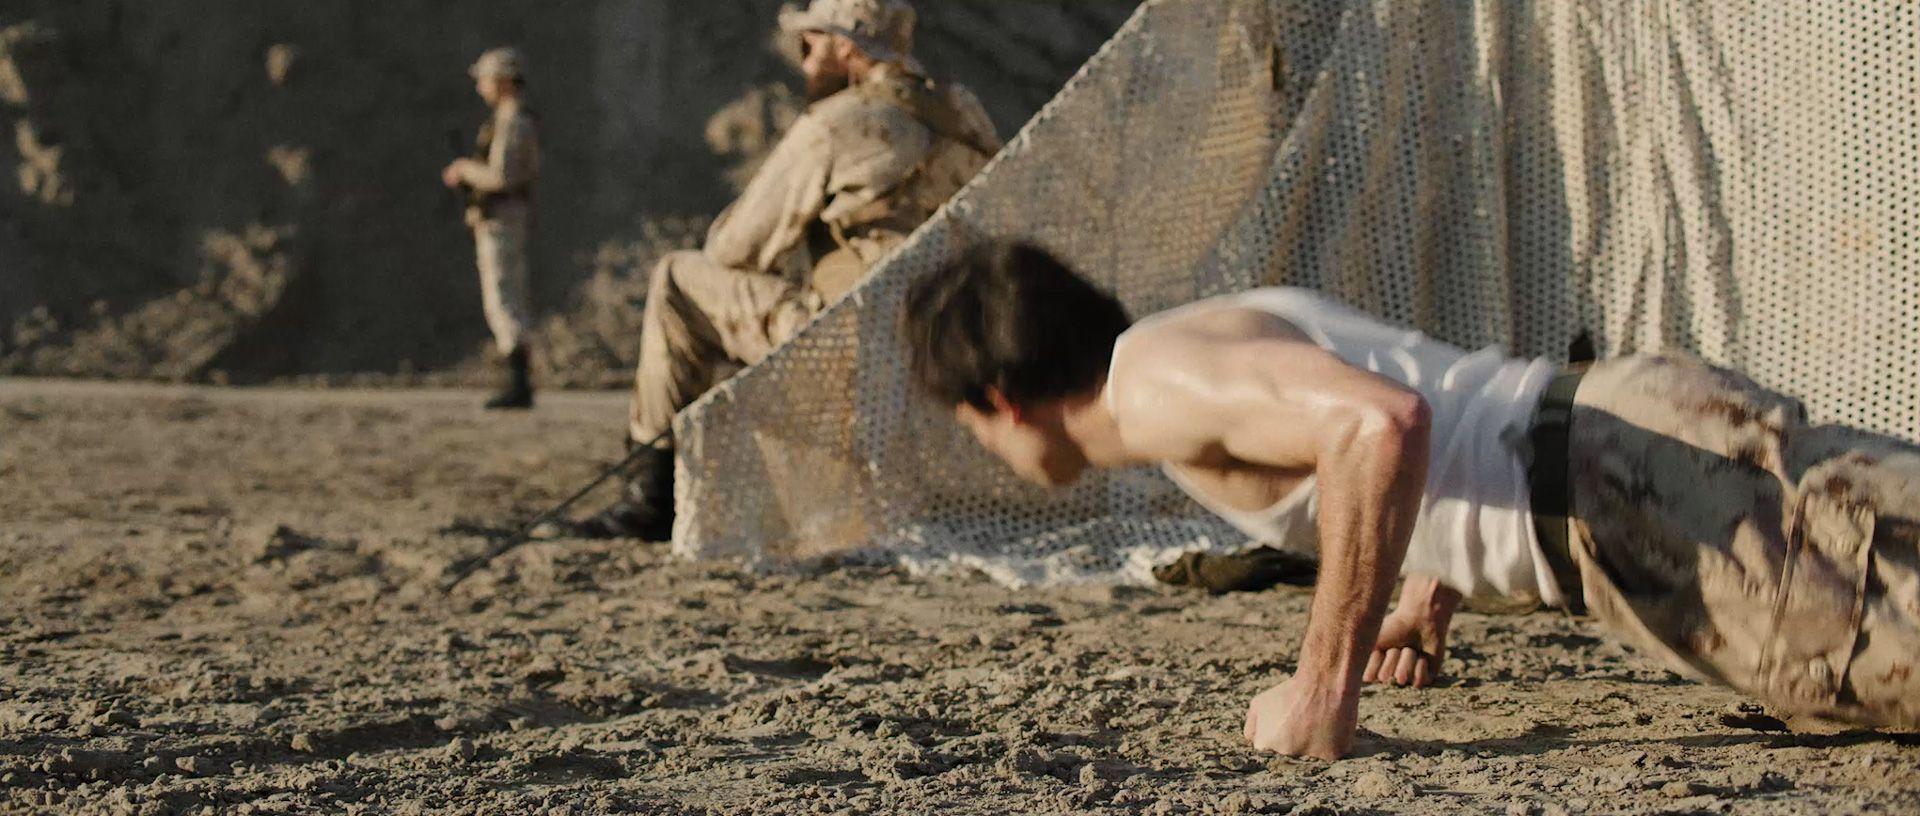 Militaire push up tente base militaire soldats